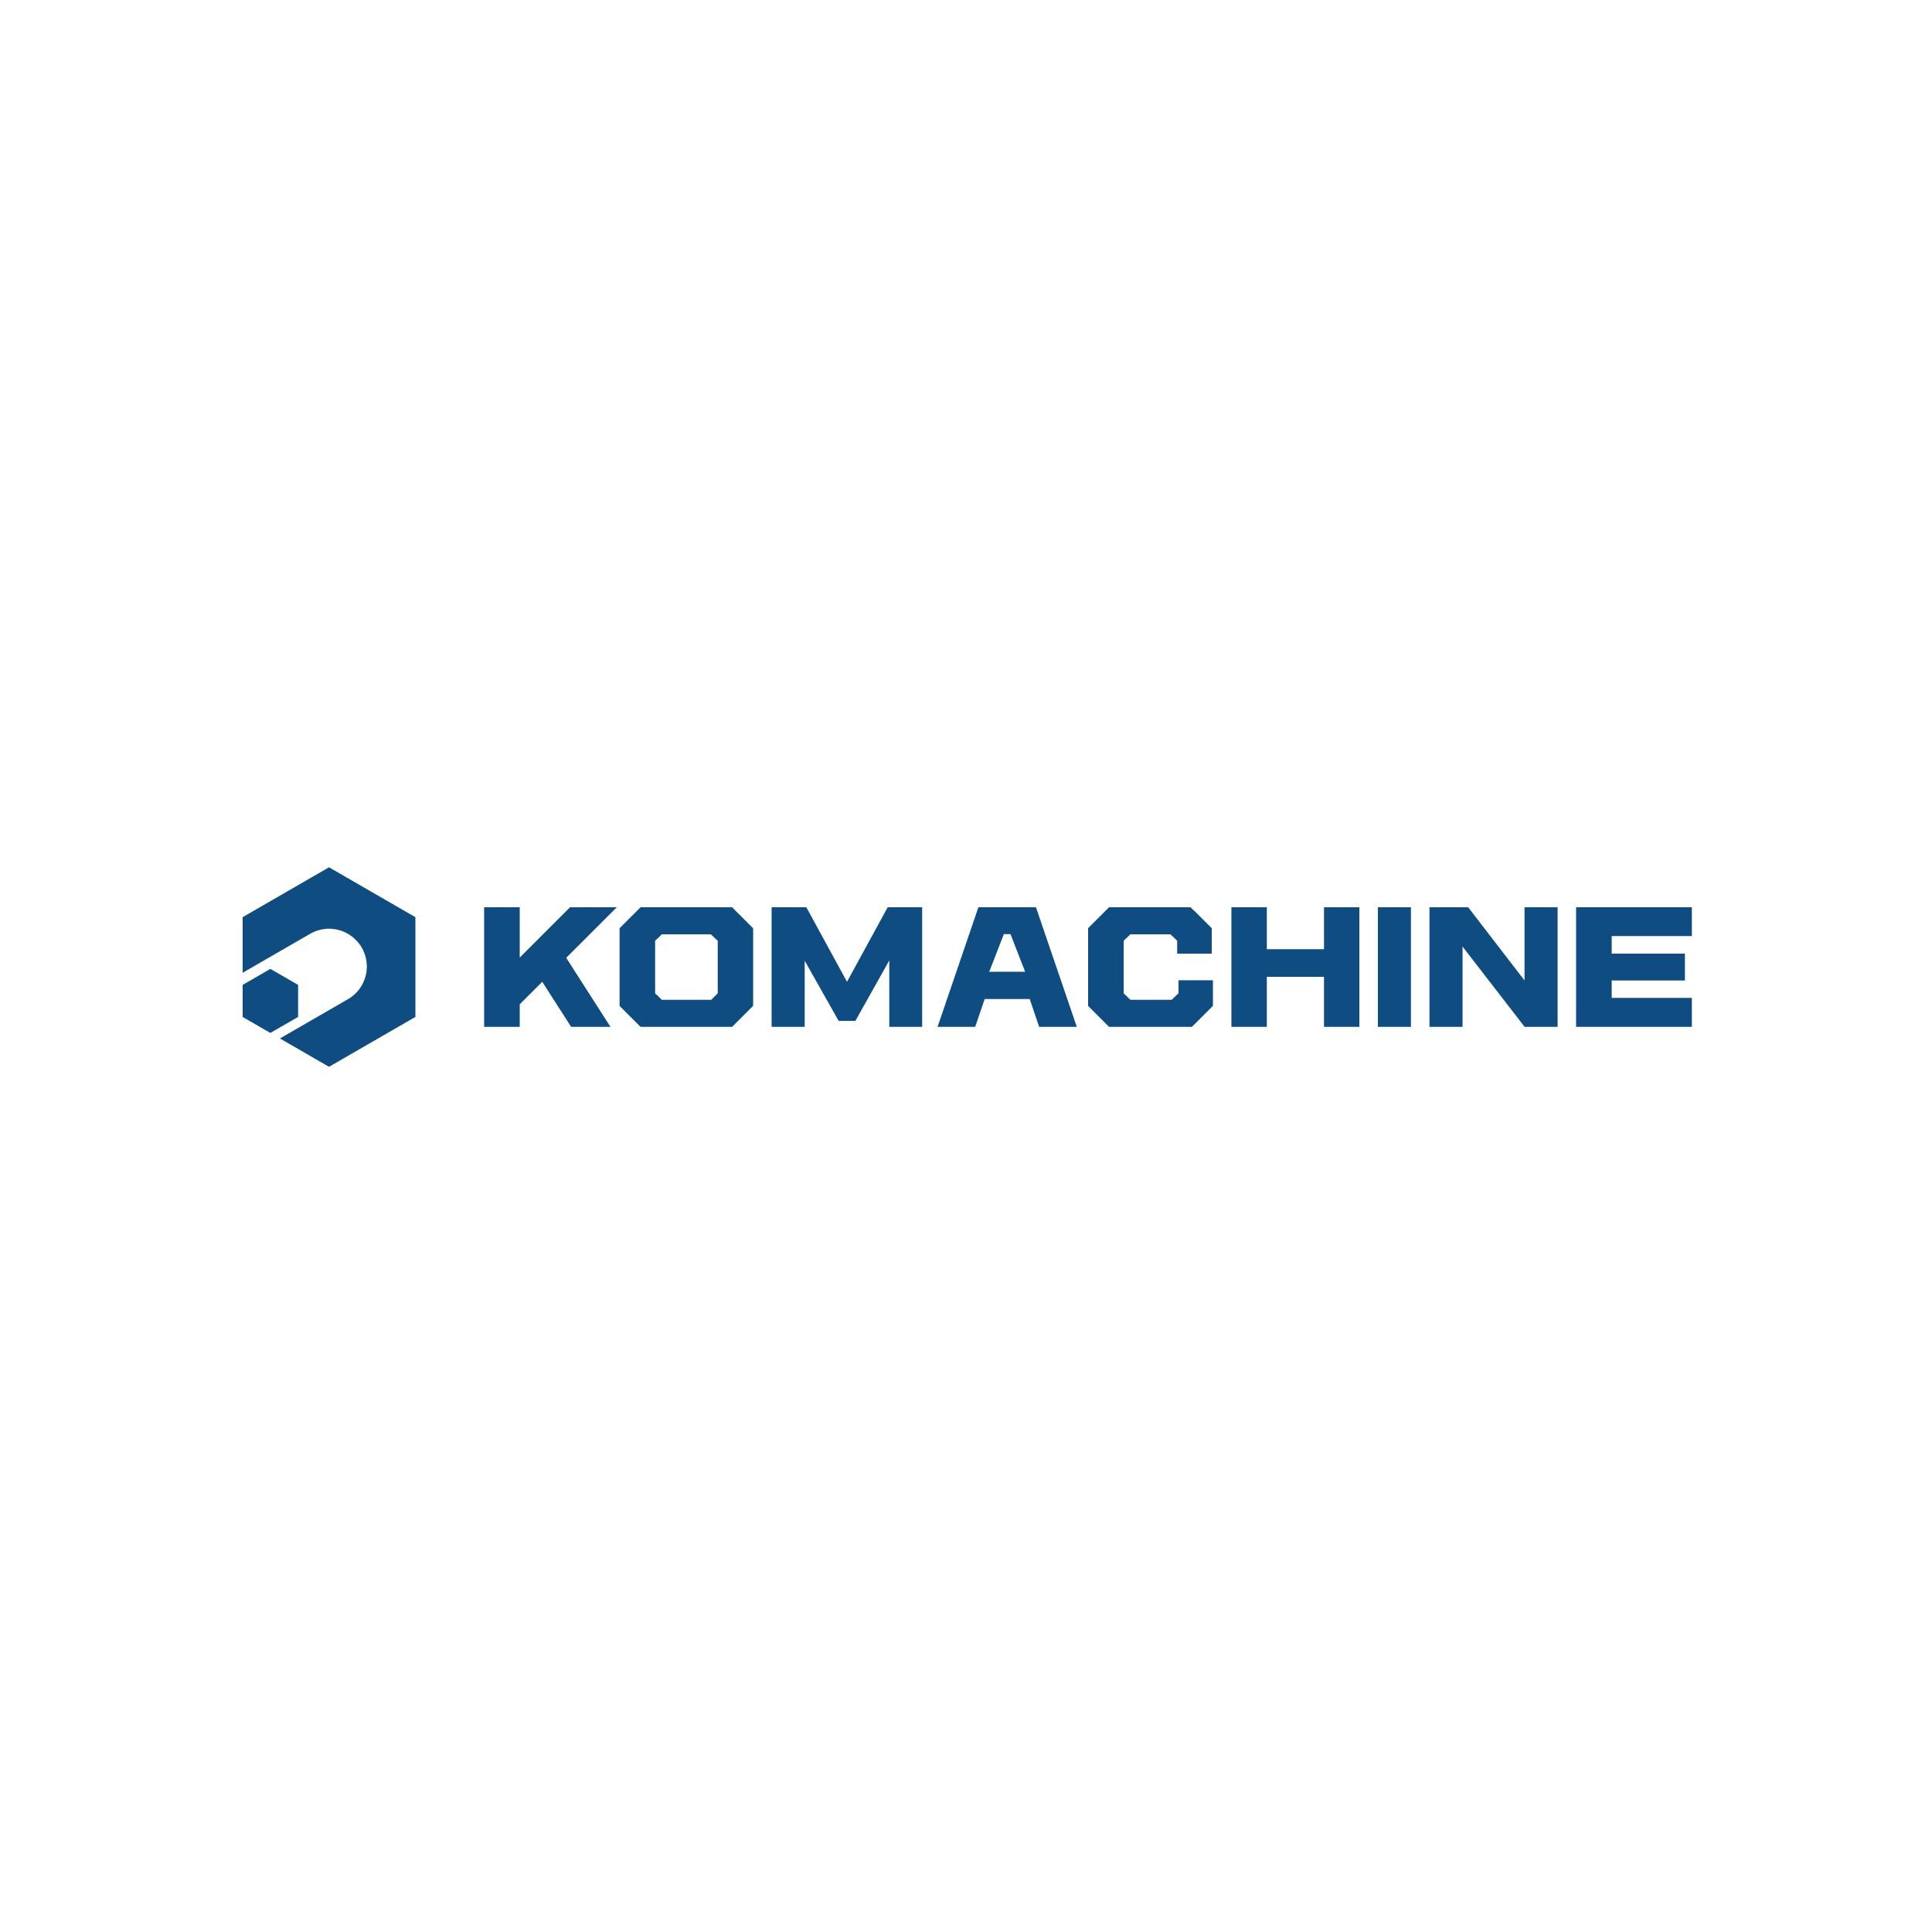 KOMACHNINE, MACHINE INDUSTRY ONLINE PLATFORM LOGO